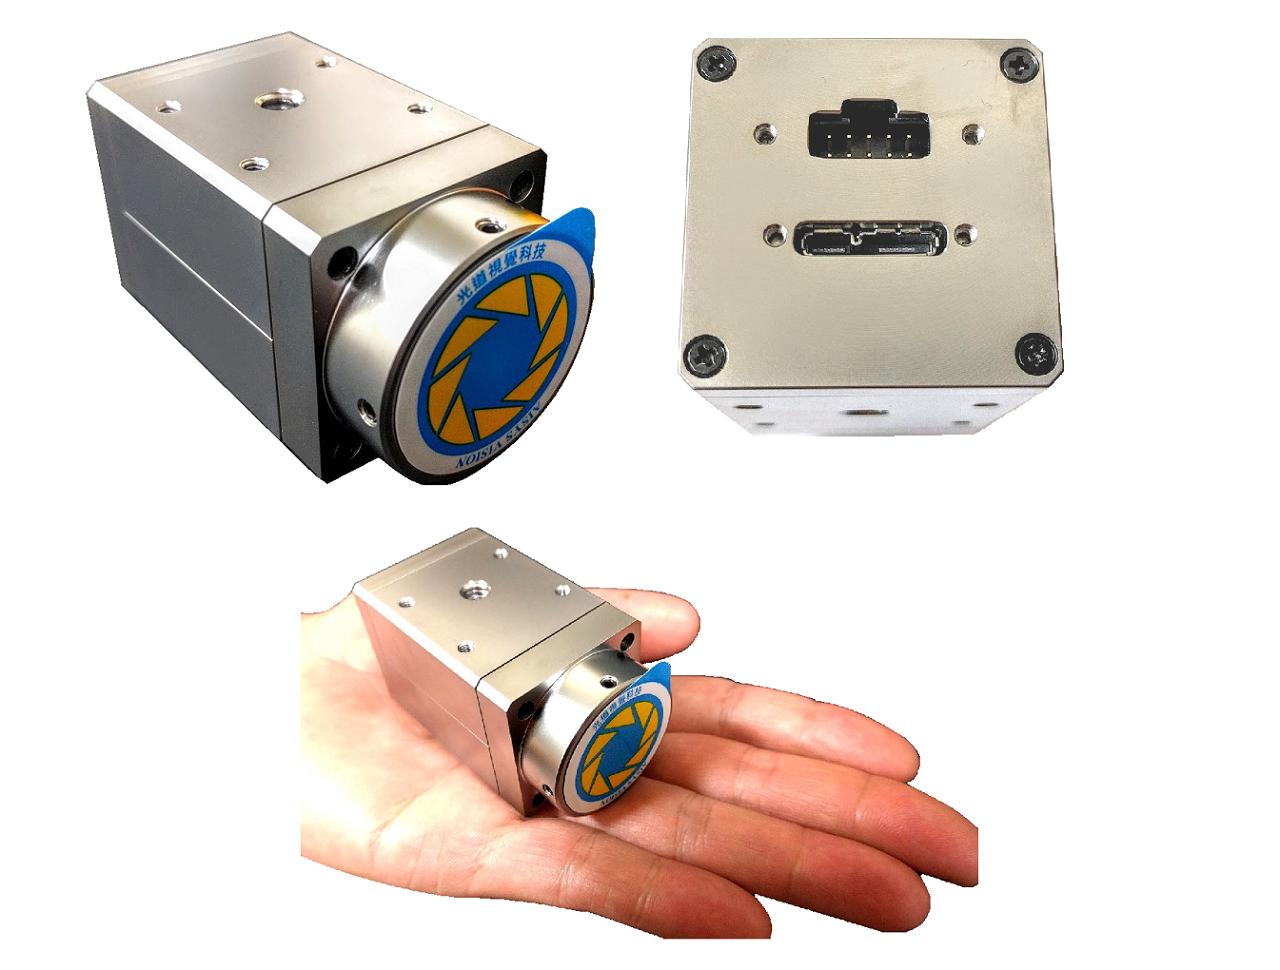 CYCLOPS SU250F-128攝影機-2.5M像素、非同步式、灰階、內建LED燈源控制器